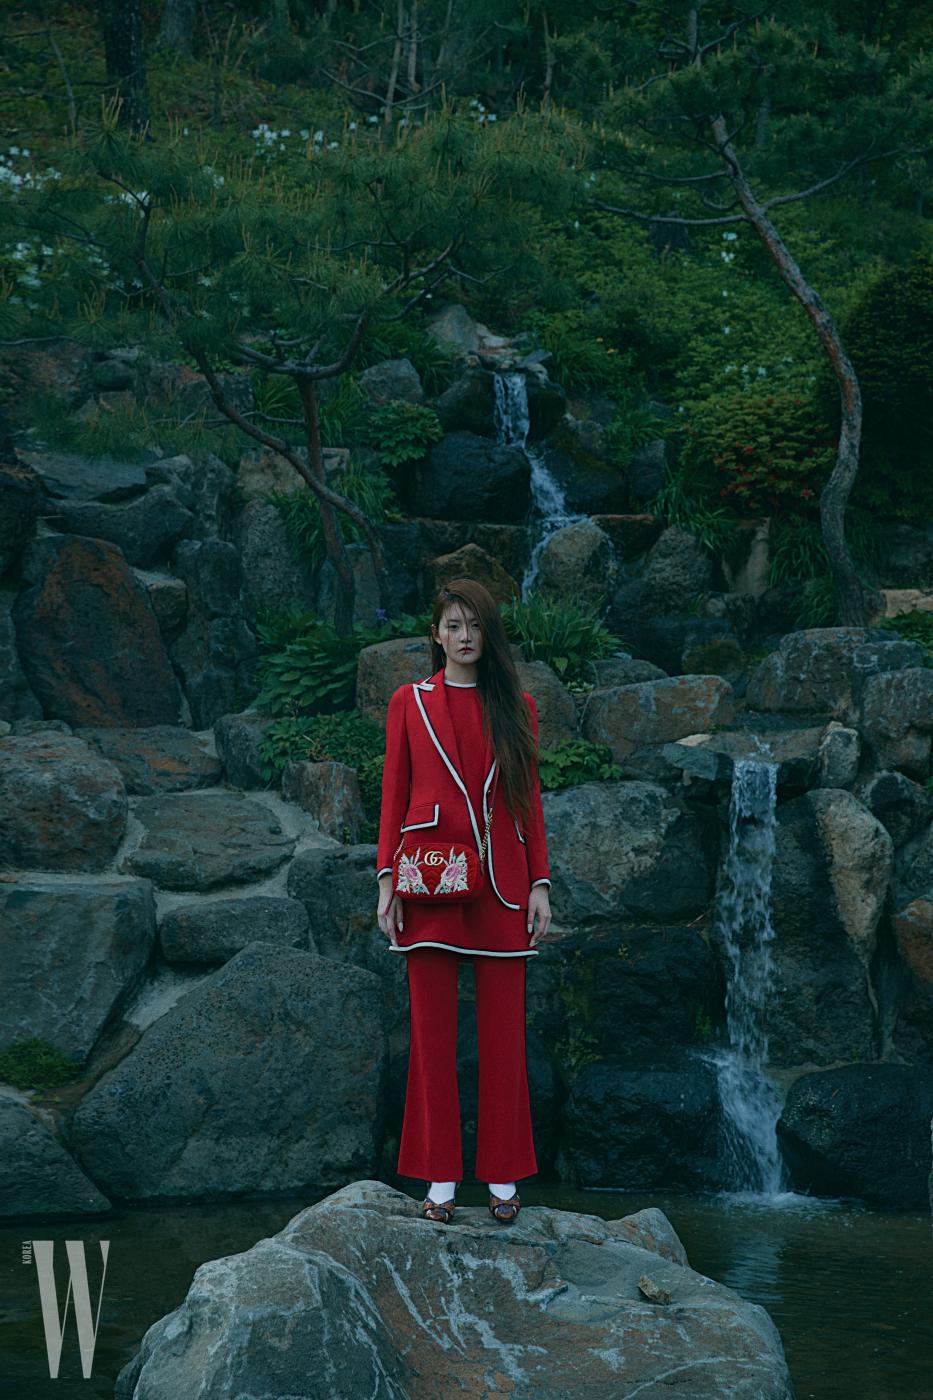 파이핑 장식 재킷, 붉은색 톱, 플레어 팬츠, 파이톤 가죽 슈즈, 코리아 익스클루시브 컬렉션인 오피디아 백은 모두 구찌 제품.